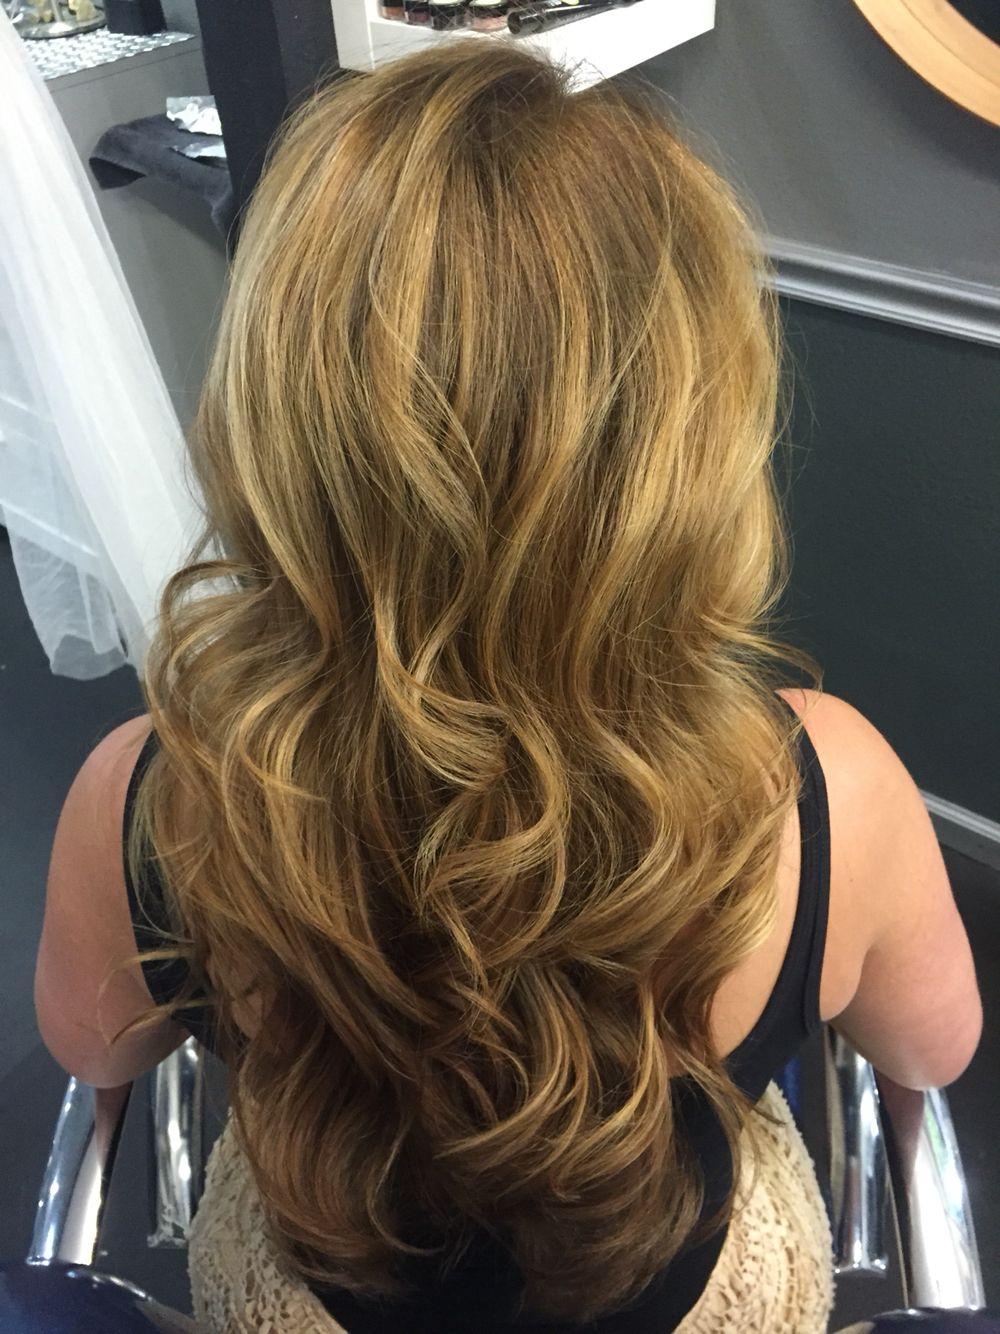 All Nutrient Hair Color Hair By Yulee Vlvt Salon Long Hair Styles Hair Hair Color